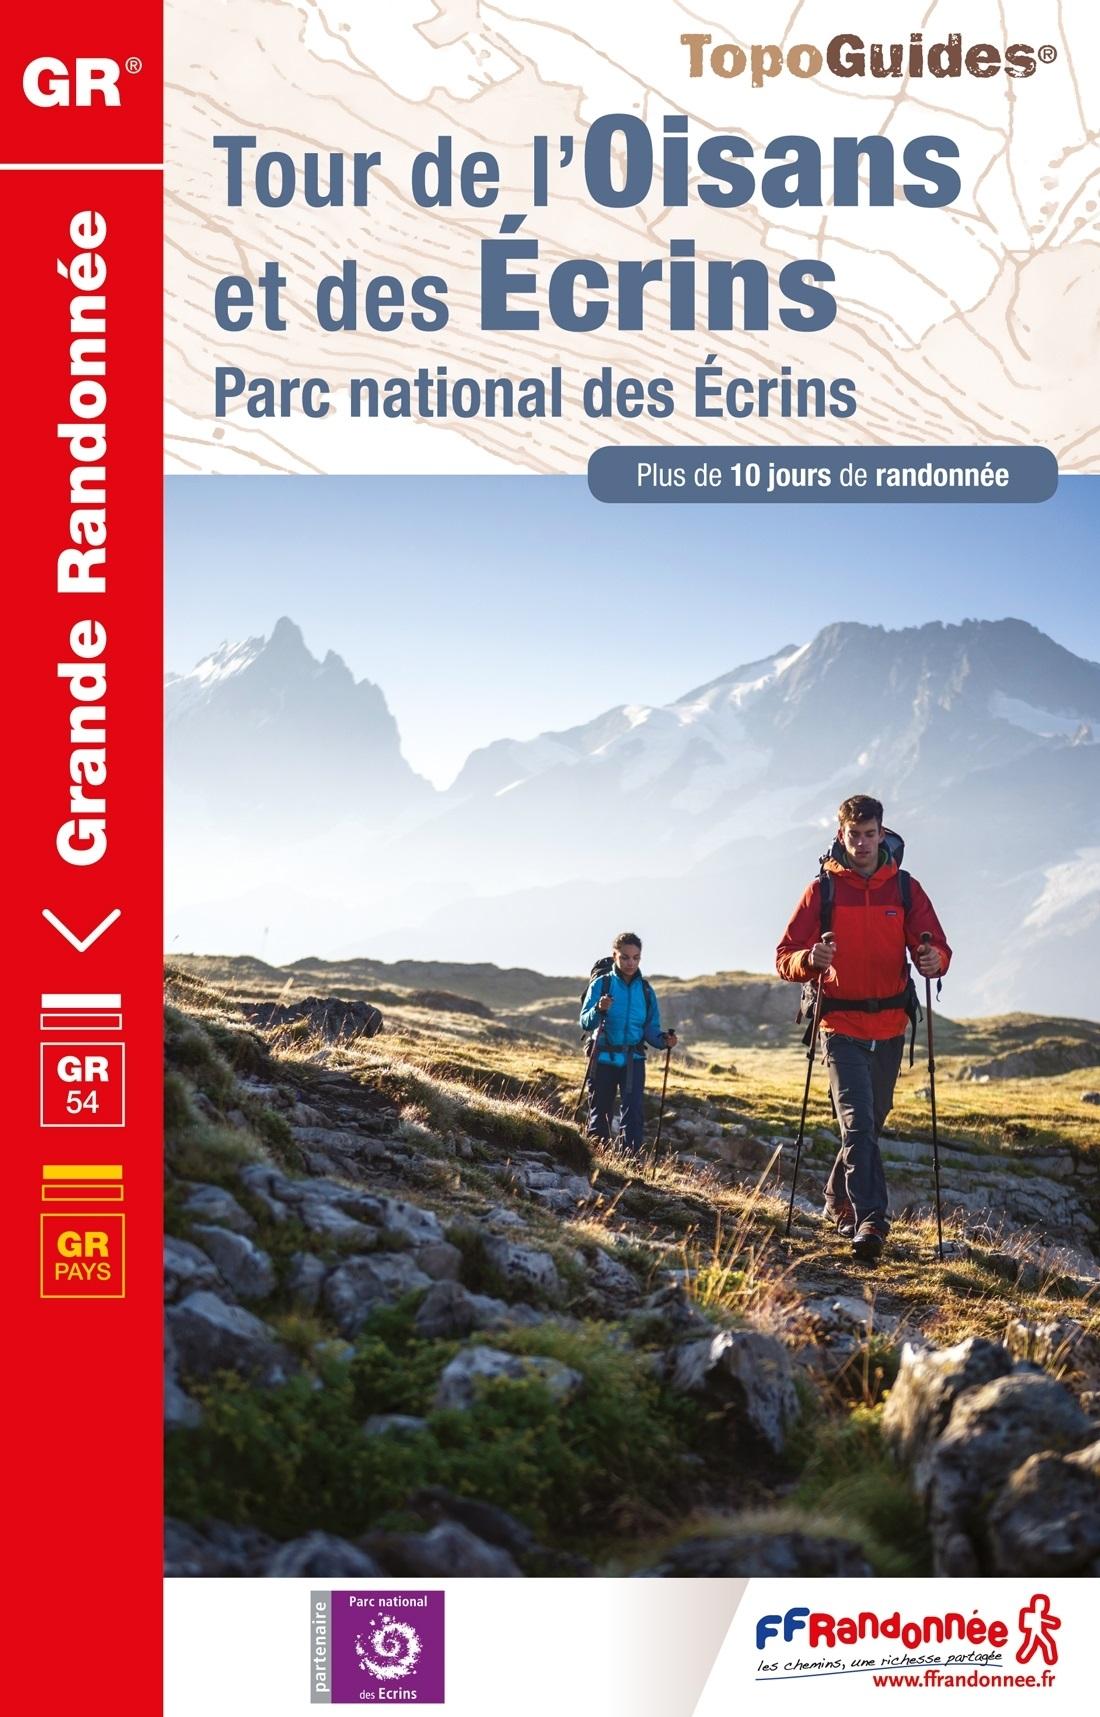 TG508  Tour de l'Oisans, Écrins | wandelgids GR-54 9782751409660  FFRP Topoguides  Meerdaagse wandelroutes, Wandelgidsen Écrins, Queyras